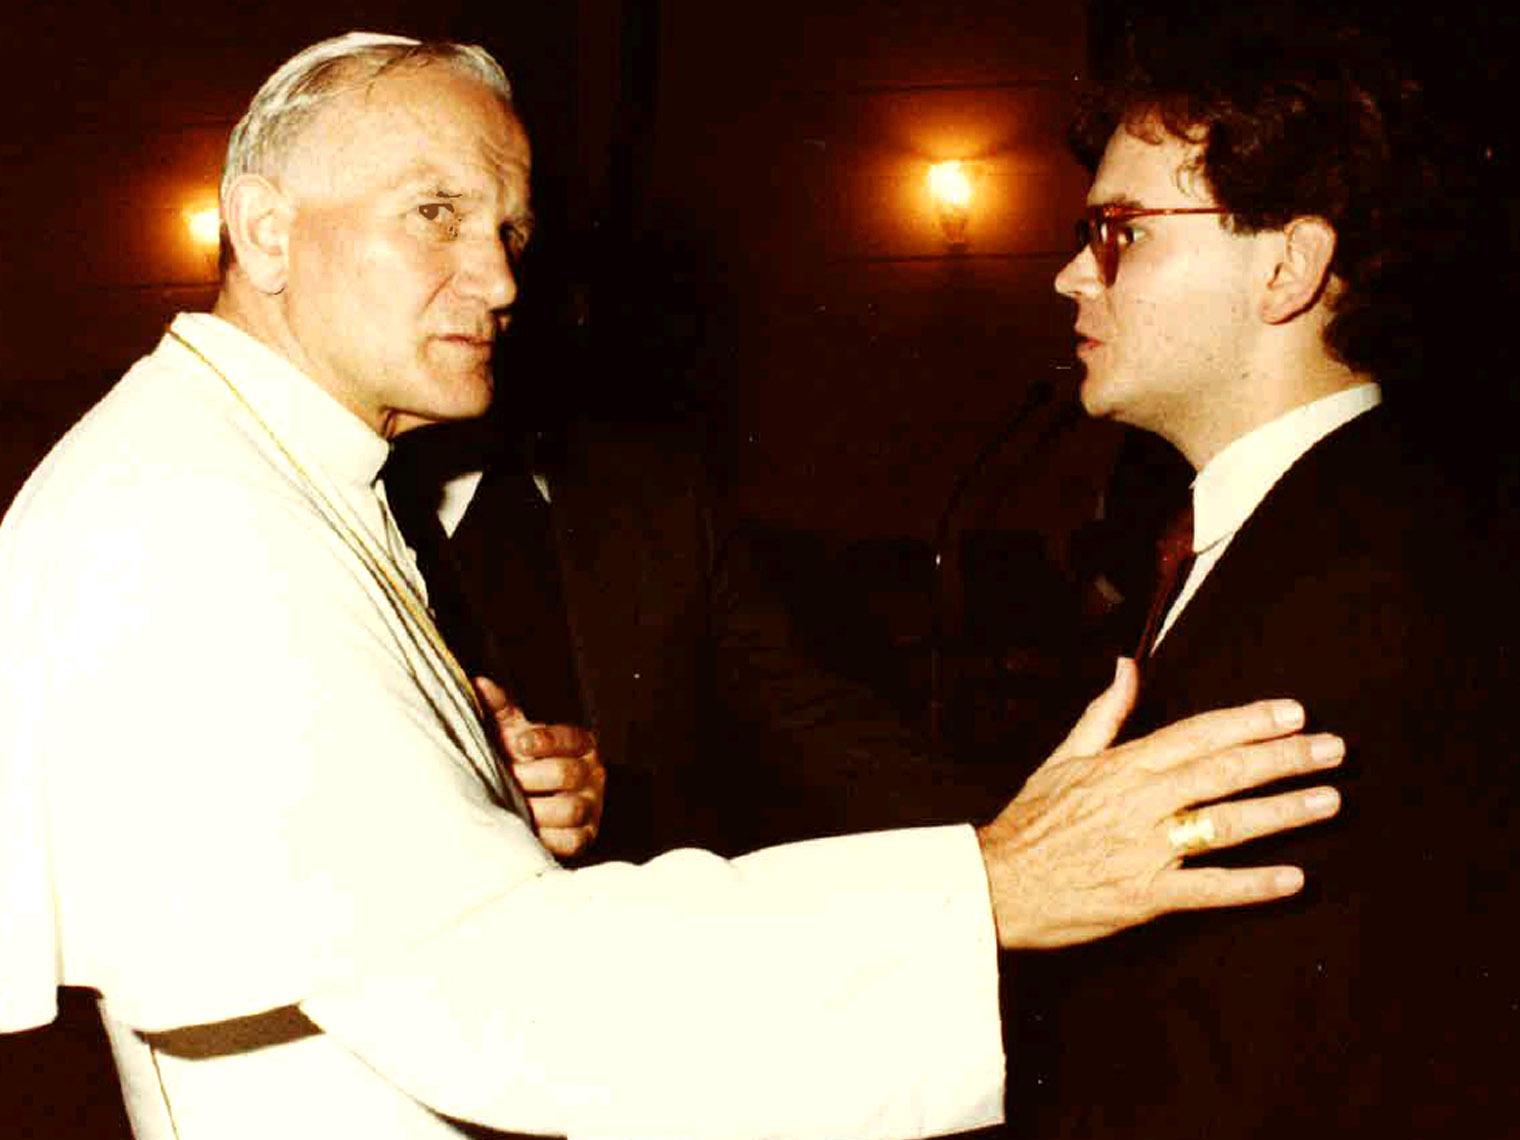 Papst Johannes Paul II besuchte 1981 das Germanikum in Rom und traf dort mit dem Theologiestudenten Bertram Meier zusammen.